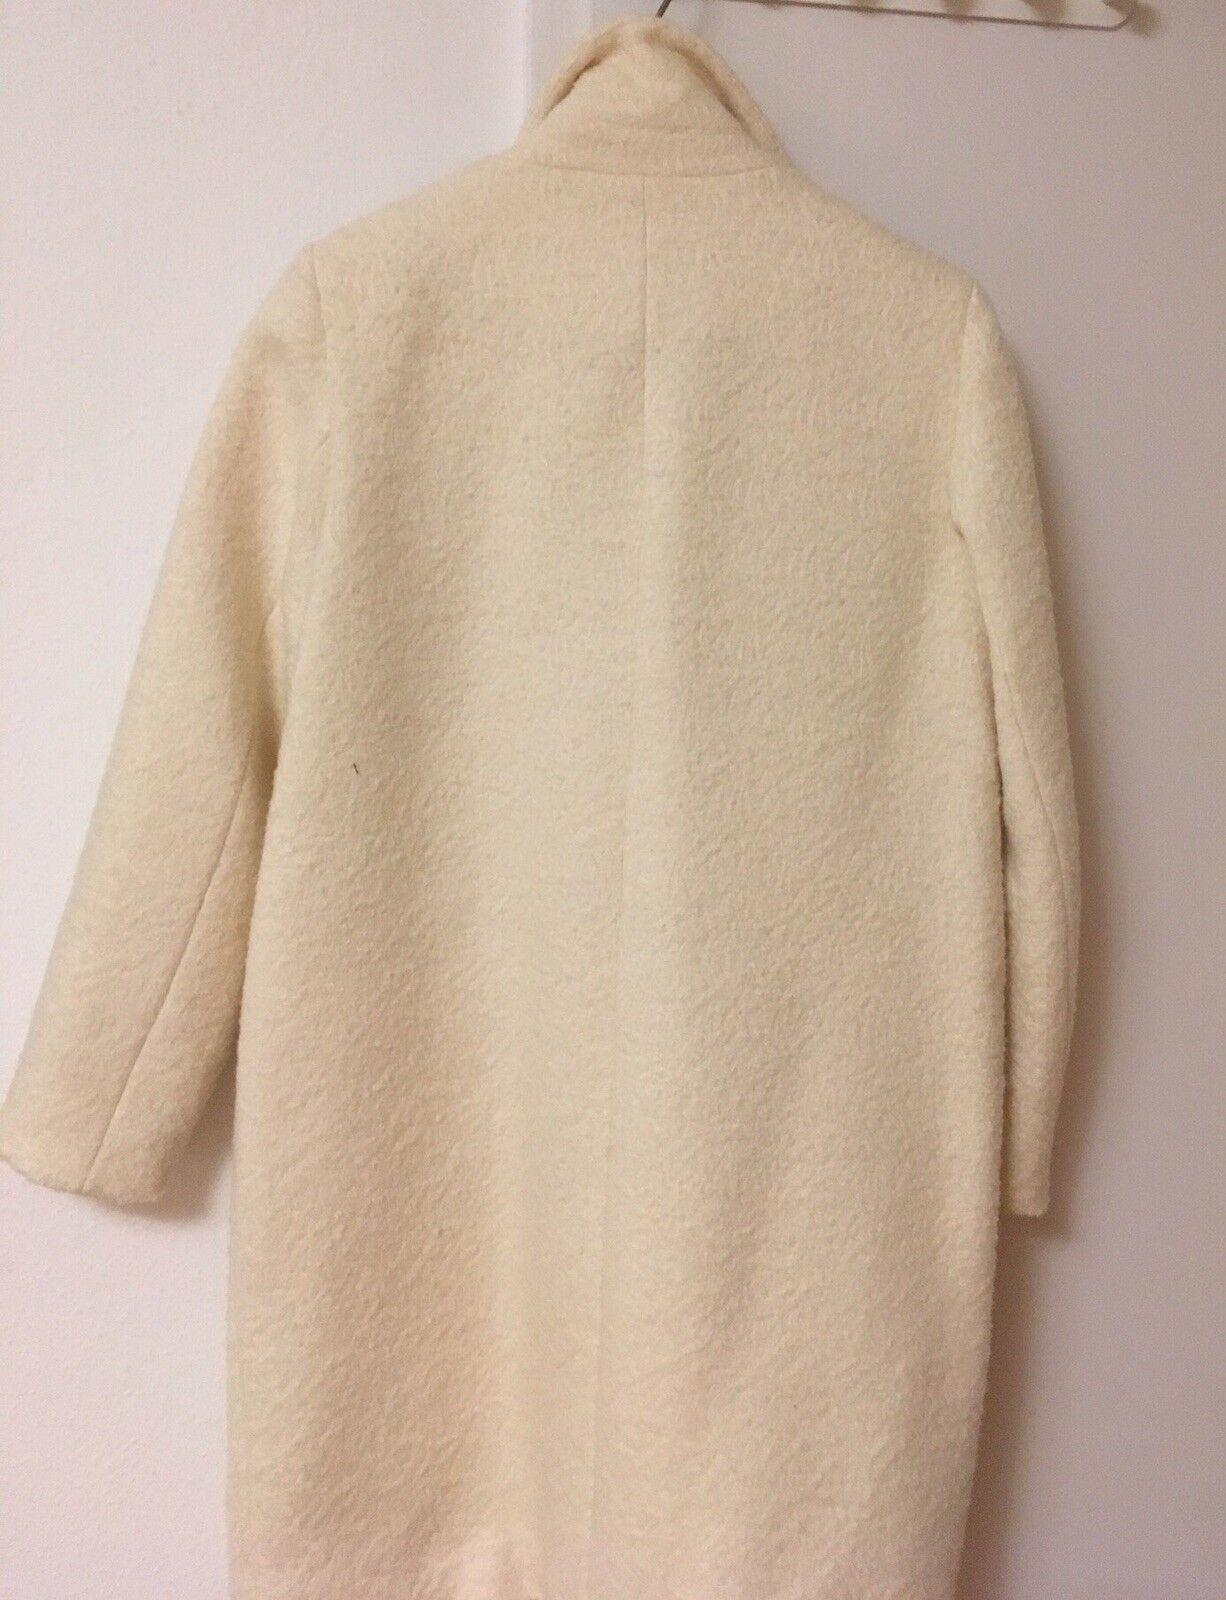 Mantel Von Zara Gr. L | In hohem hohem hohem Grade geschätzt und weit vertrautes herein und heraus  | Creative  | München  5e873f